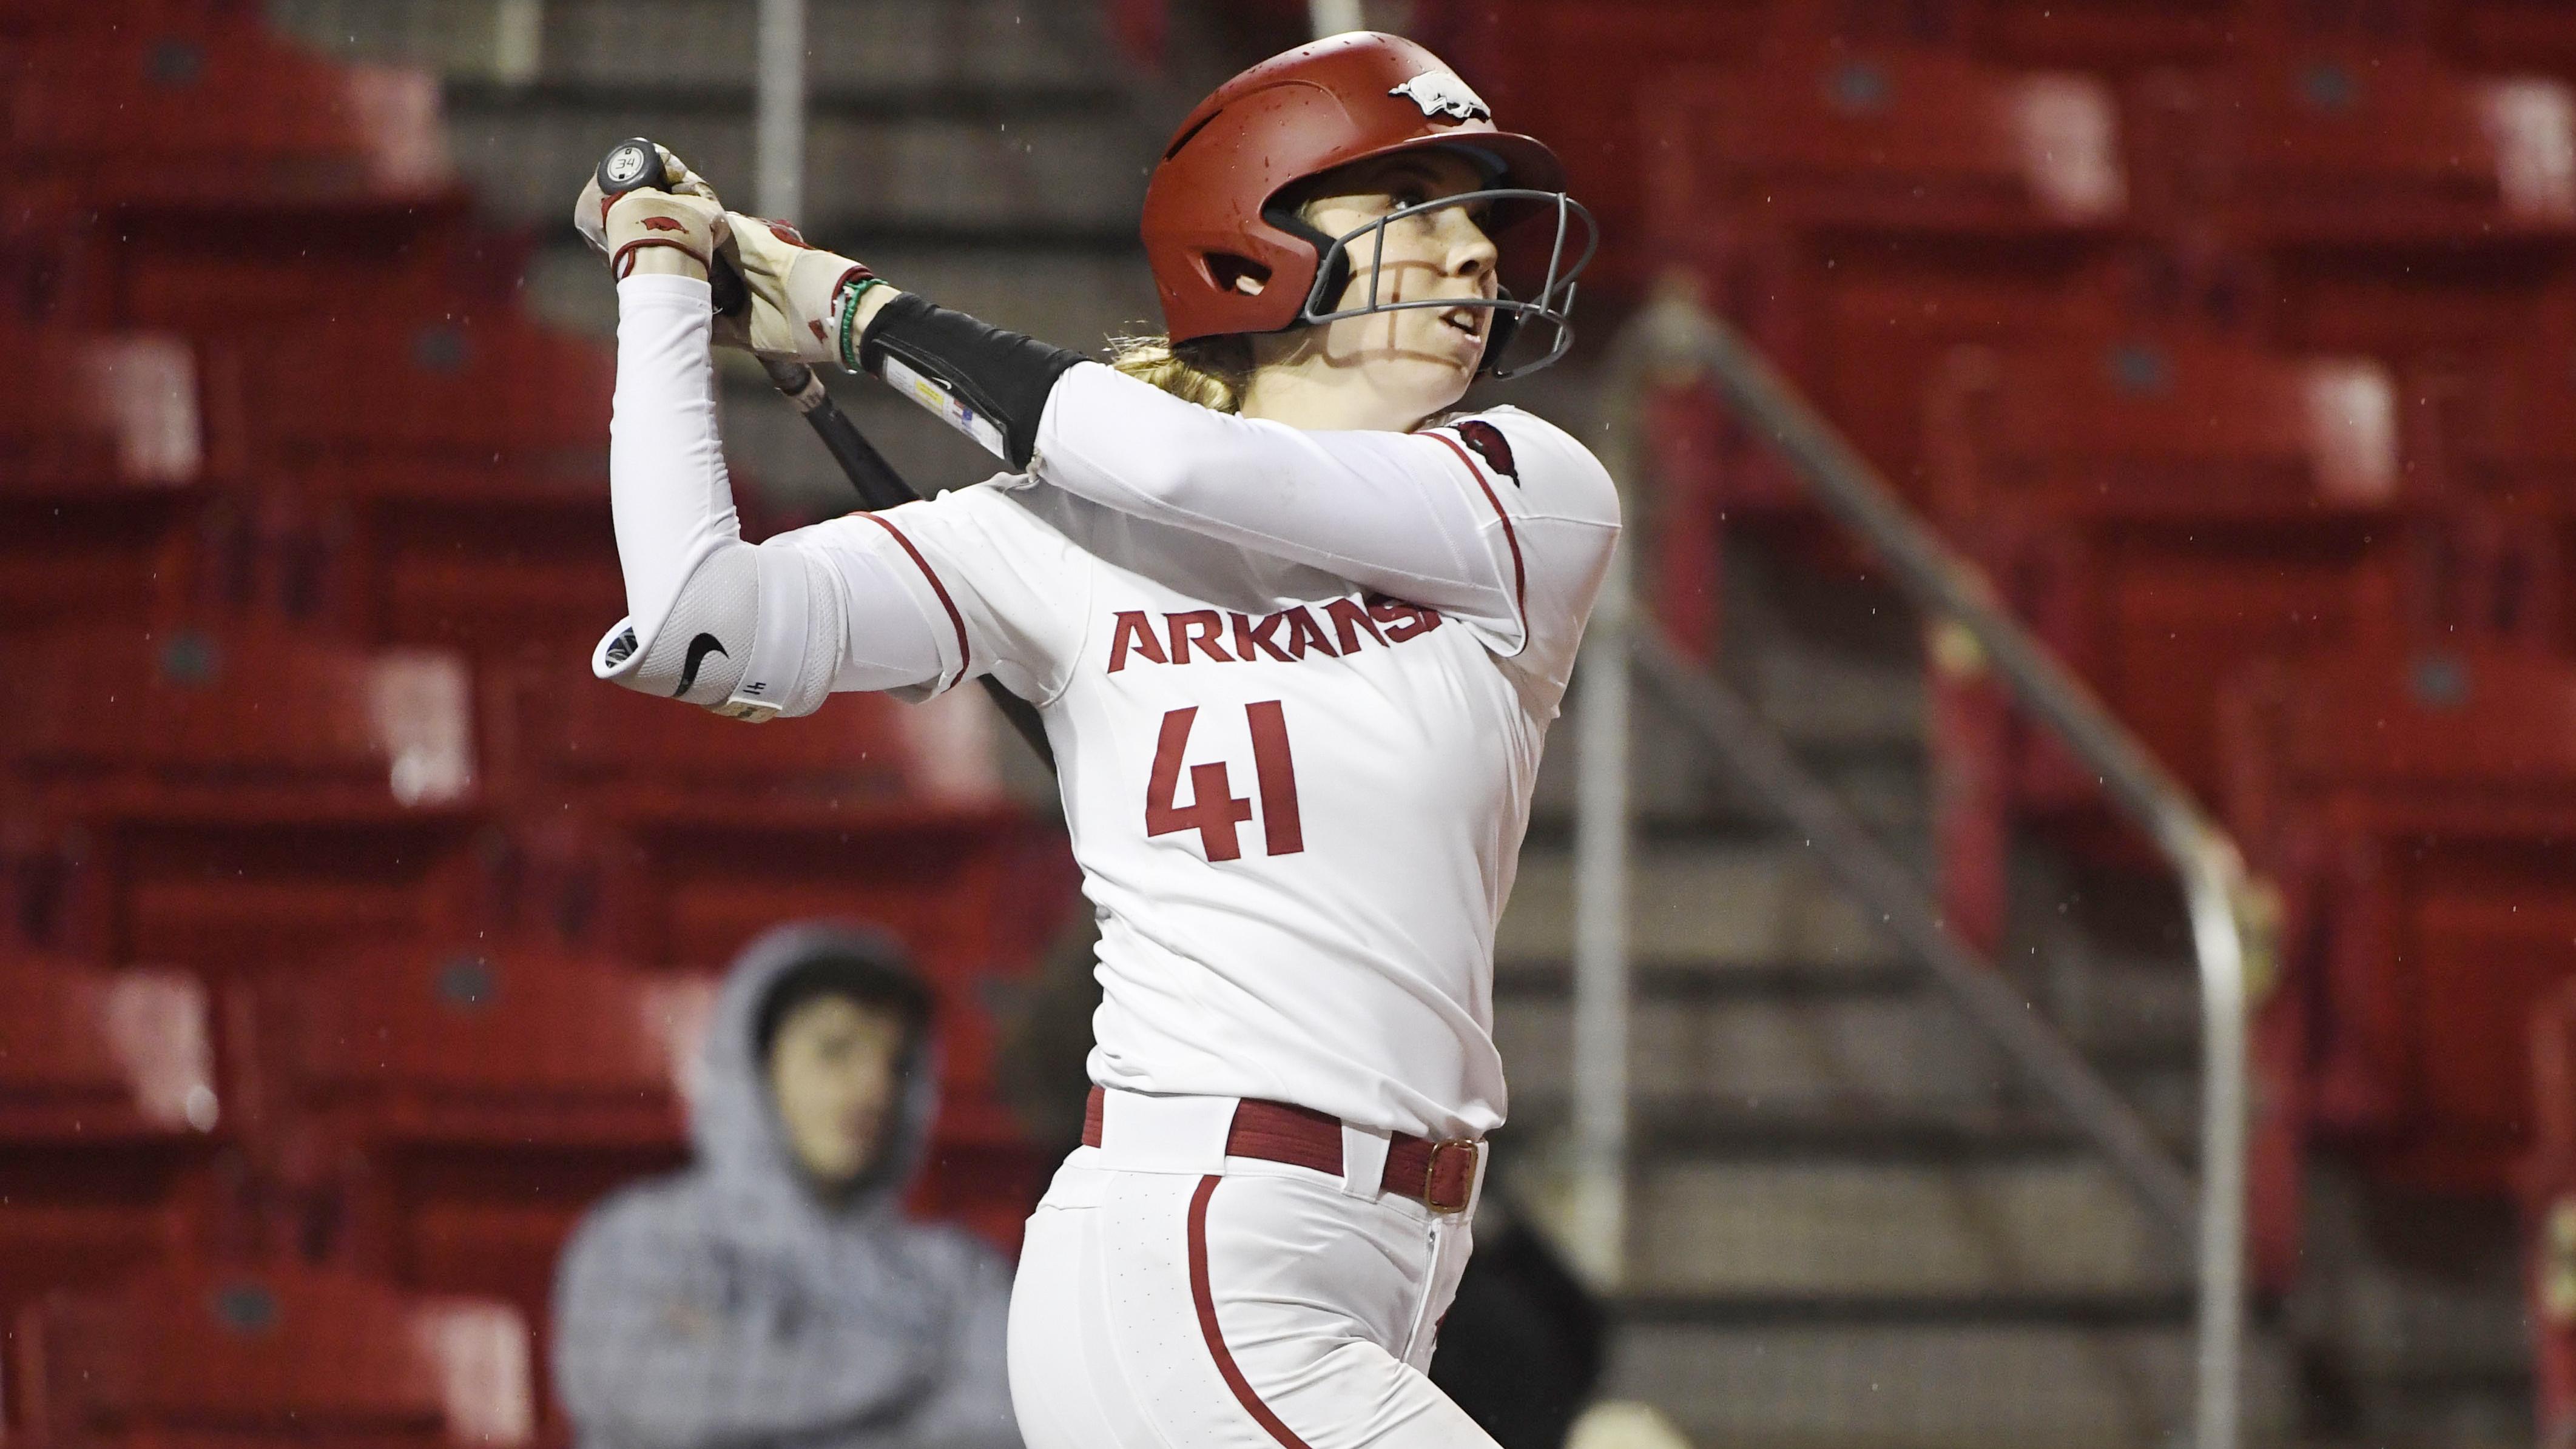 Arkansas batter Danielle Gibson against SEMO during an NCAA softball game on Friday Feb. 22, 2019, in Fayetteville, Arkansas.